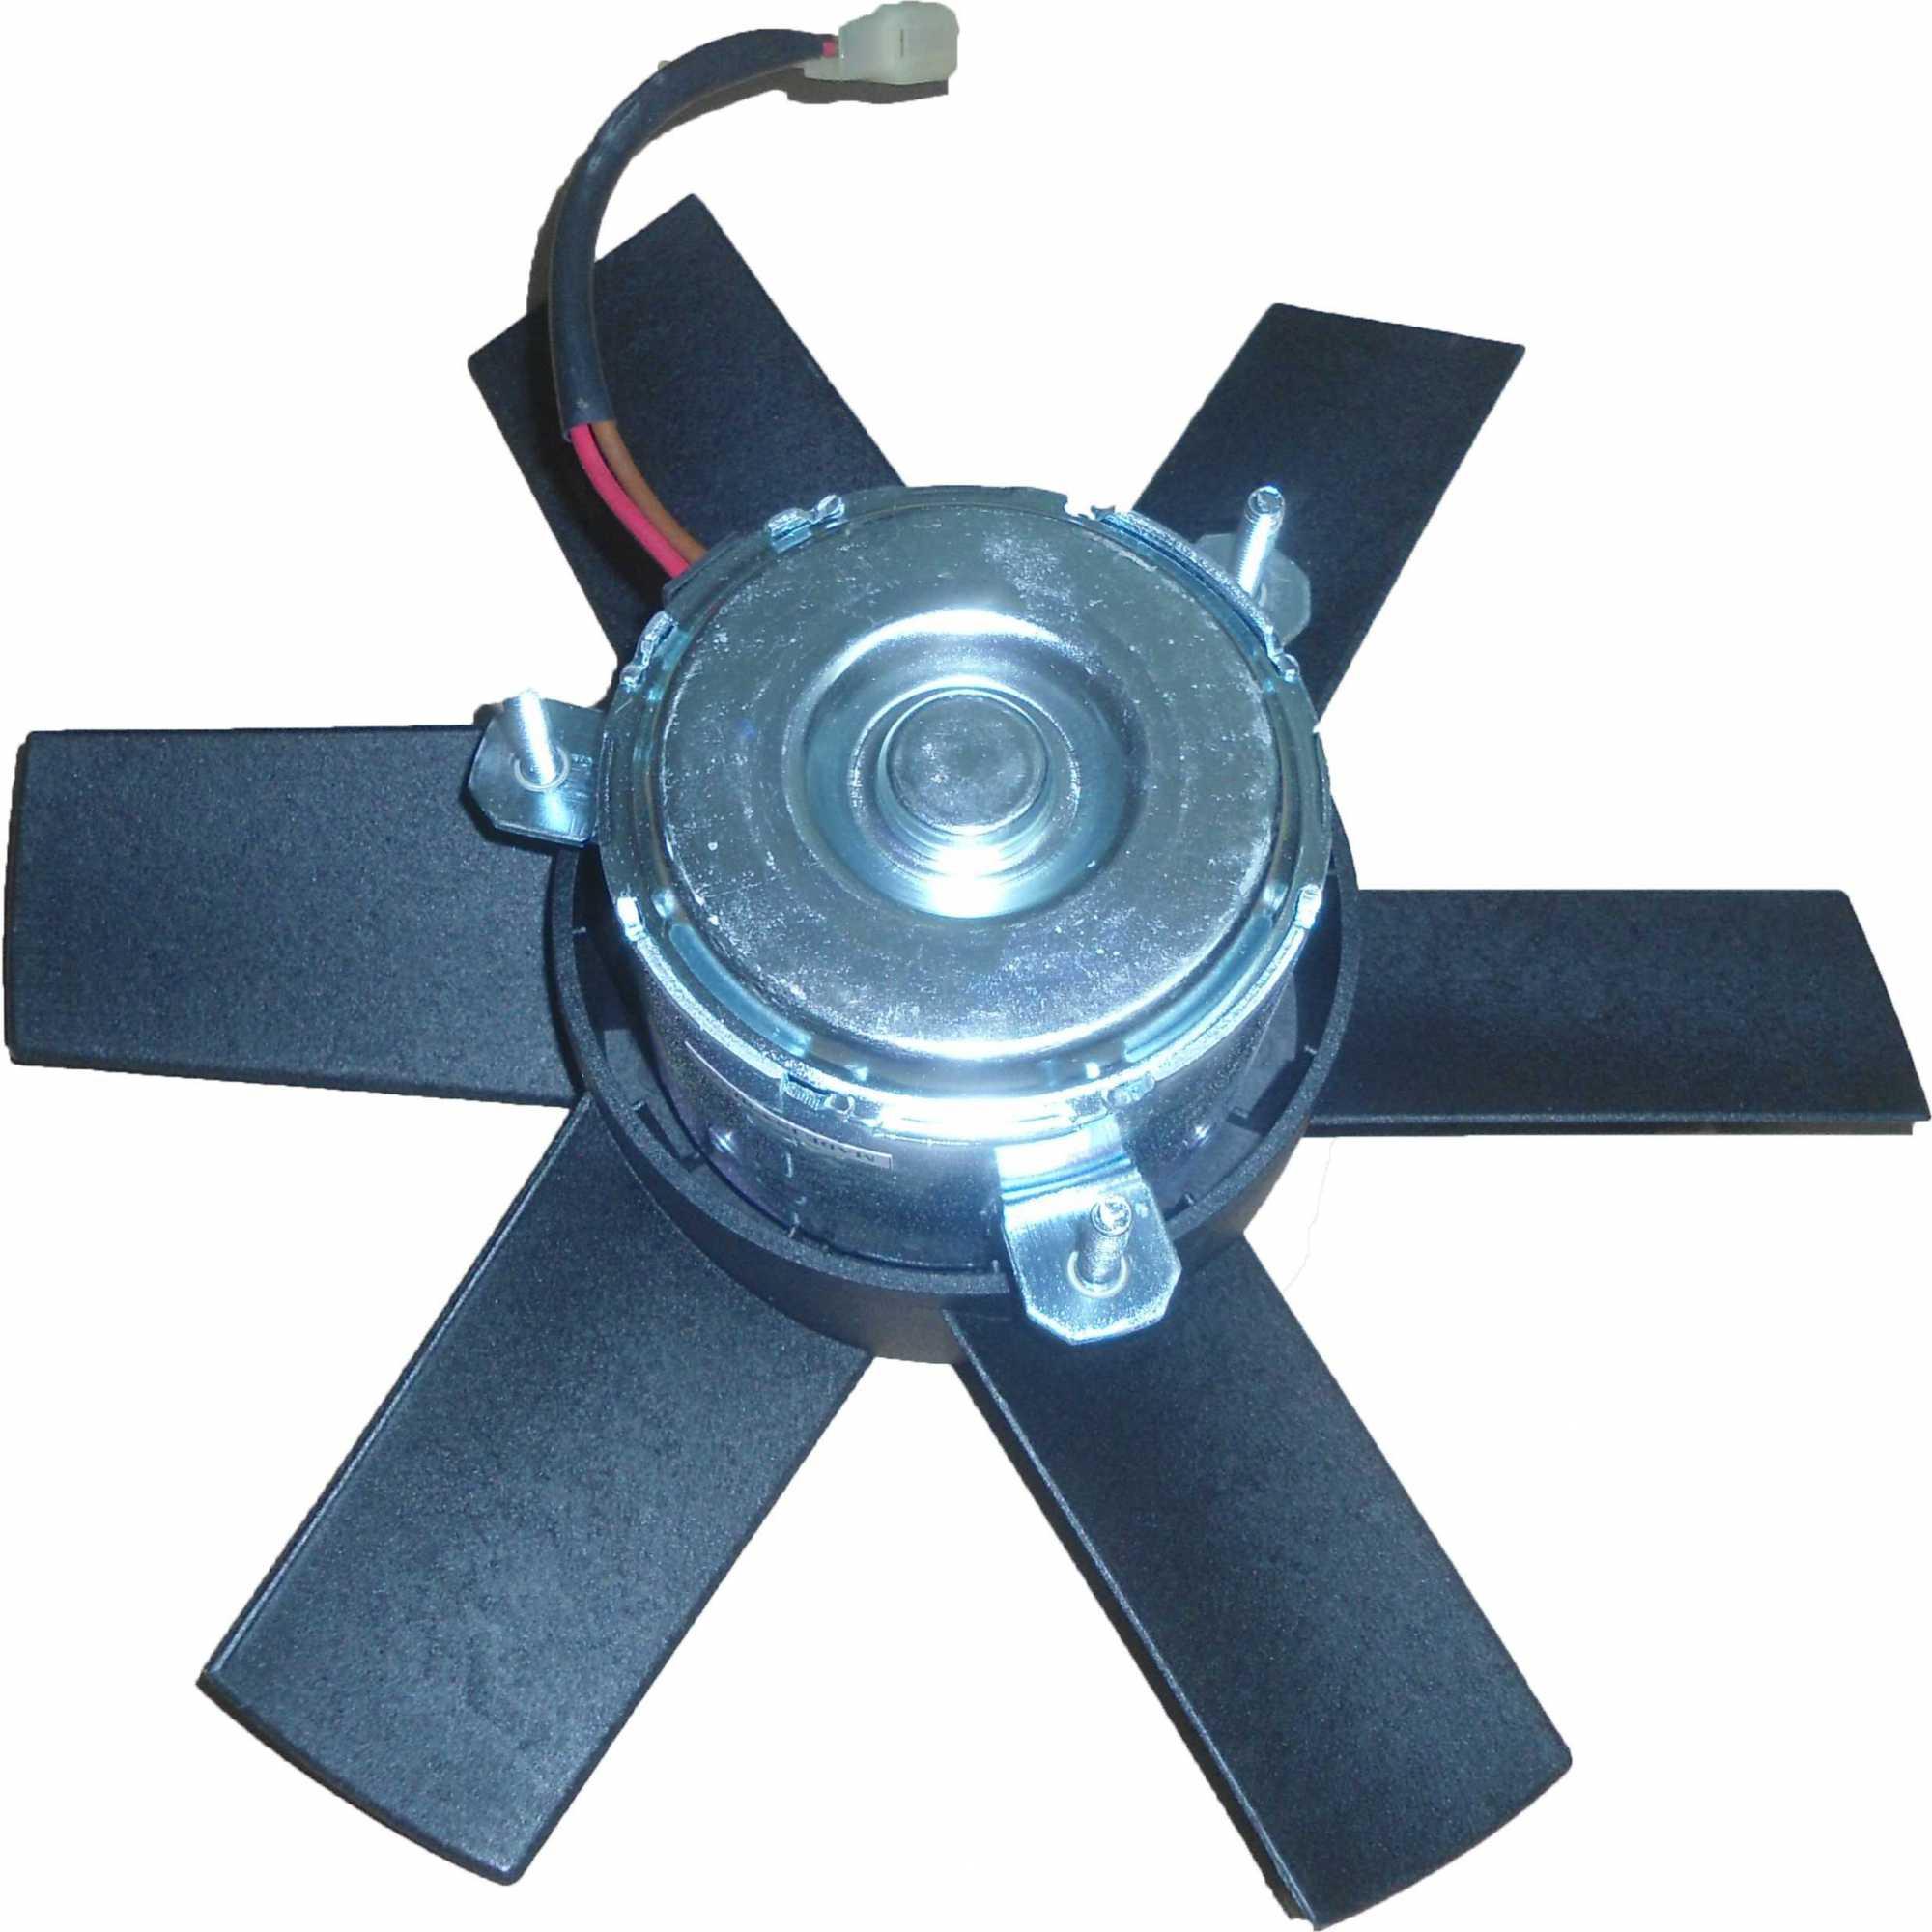 Eletroventilador - Uno/fiorino 1.0/1.5 9003 6 Pas